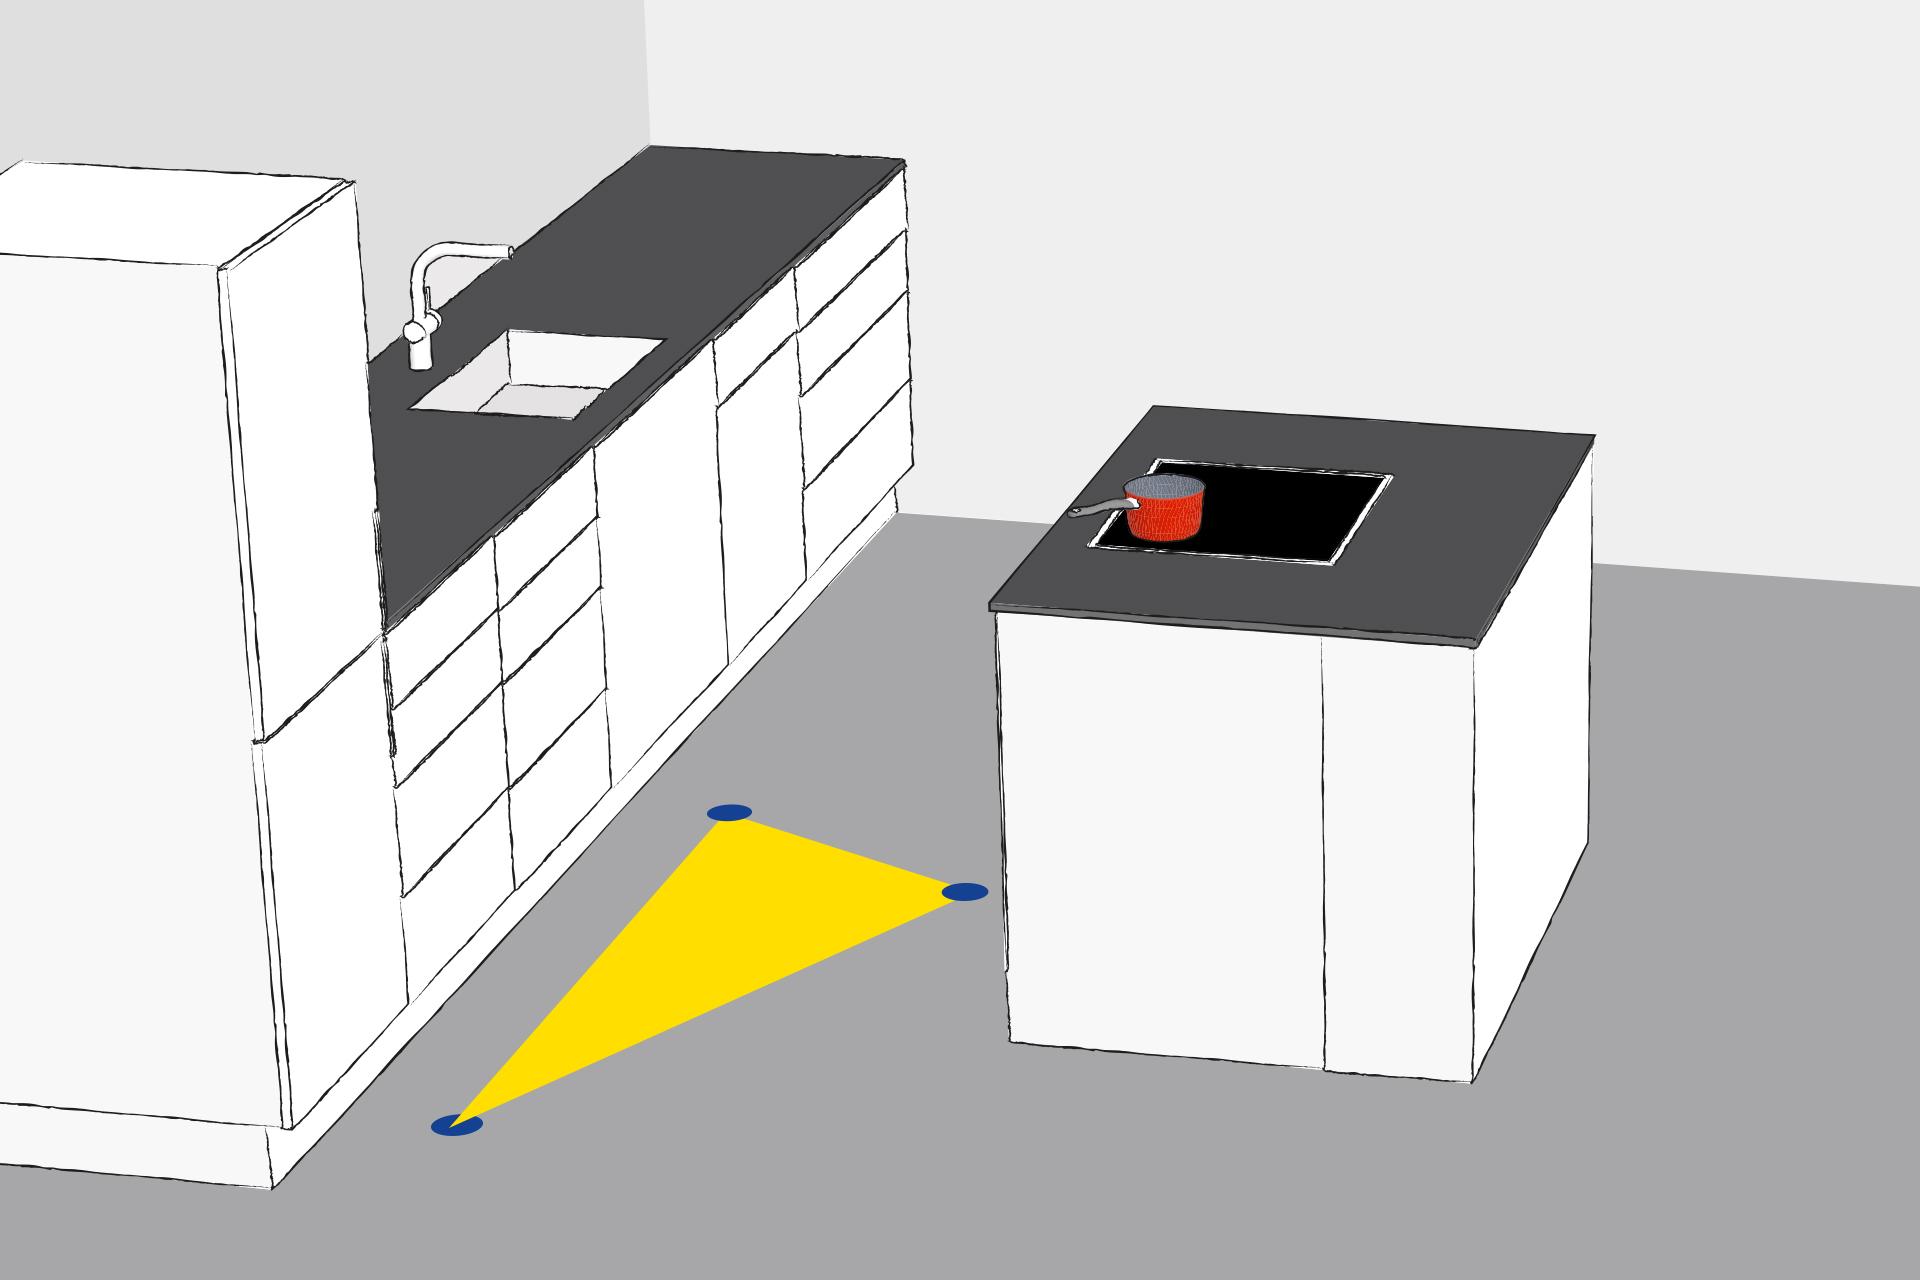 Full Size of Küchen Eckschrank Rondell Richtige Aufteilung Einer Kche Kchendurst Küche Regal Schlafzimmer Bad Wohnzimmer Küchen Eckschrank Rondell